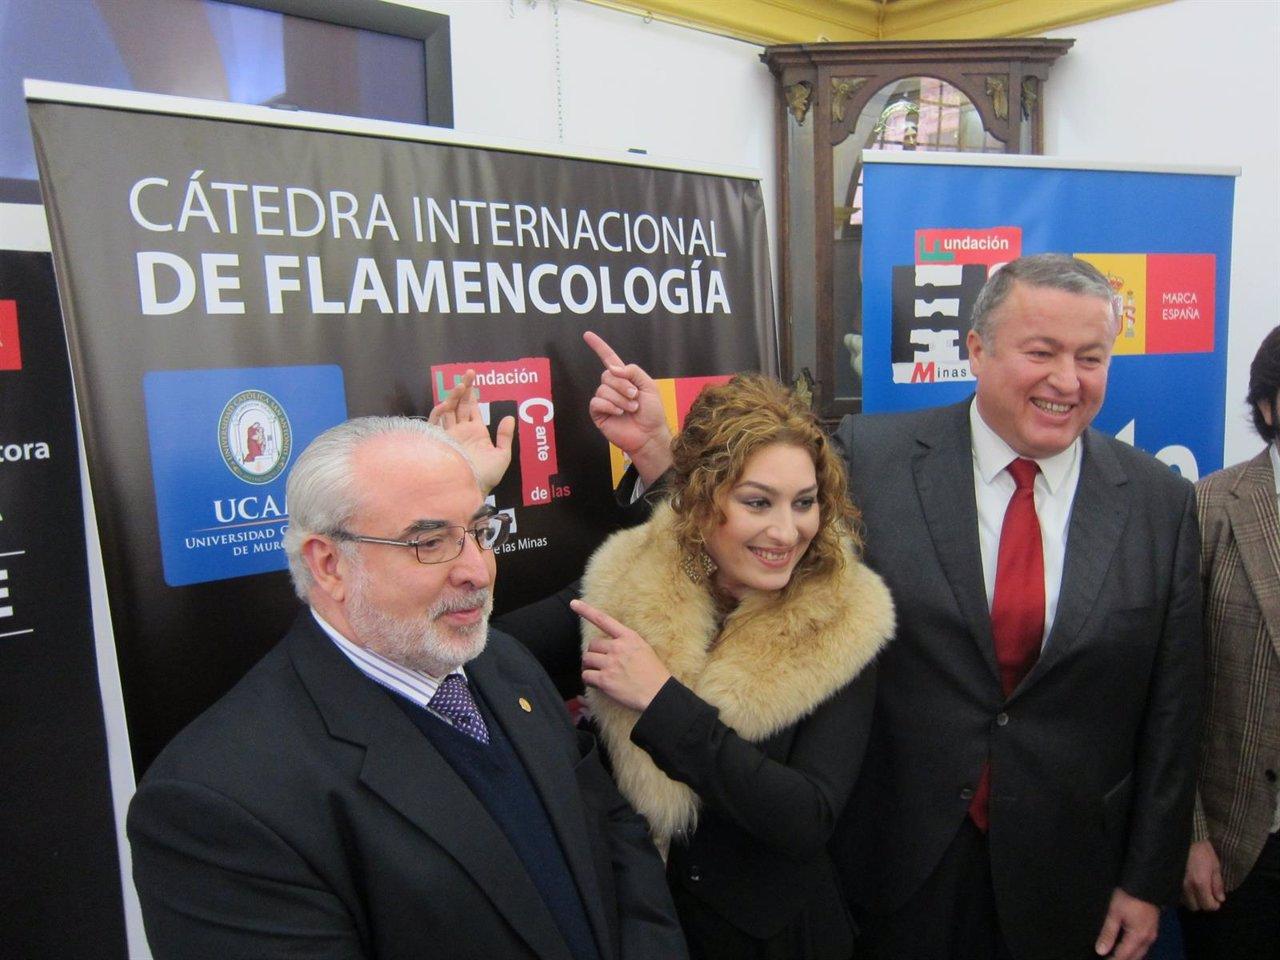 Presentación de la Cátedra de Flamencología-UCAM-Fundaceión Cante de las Minas